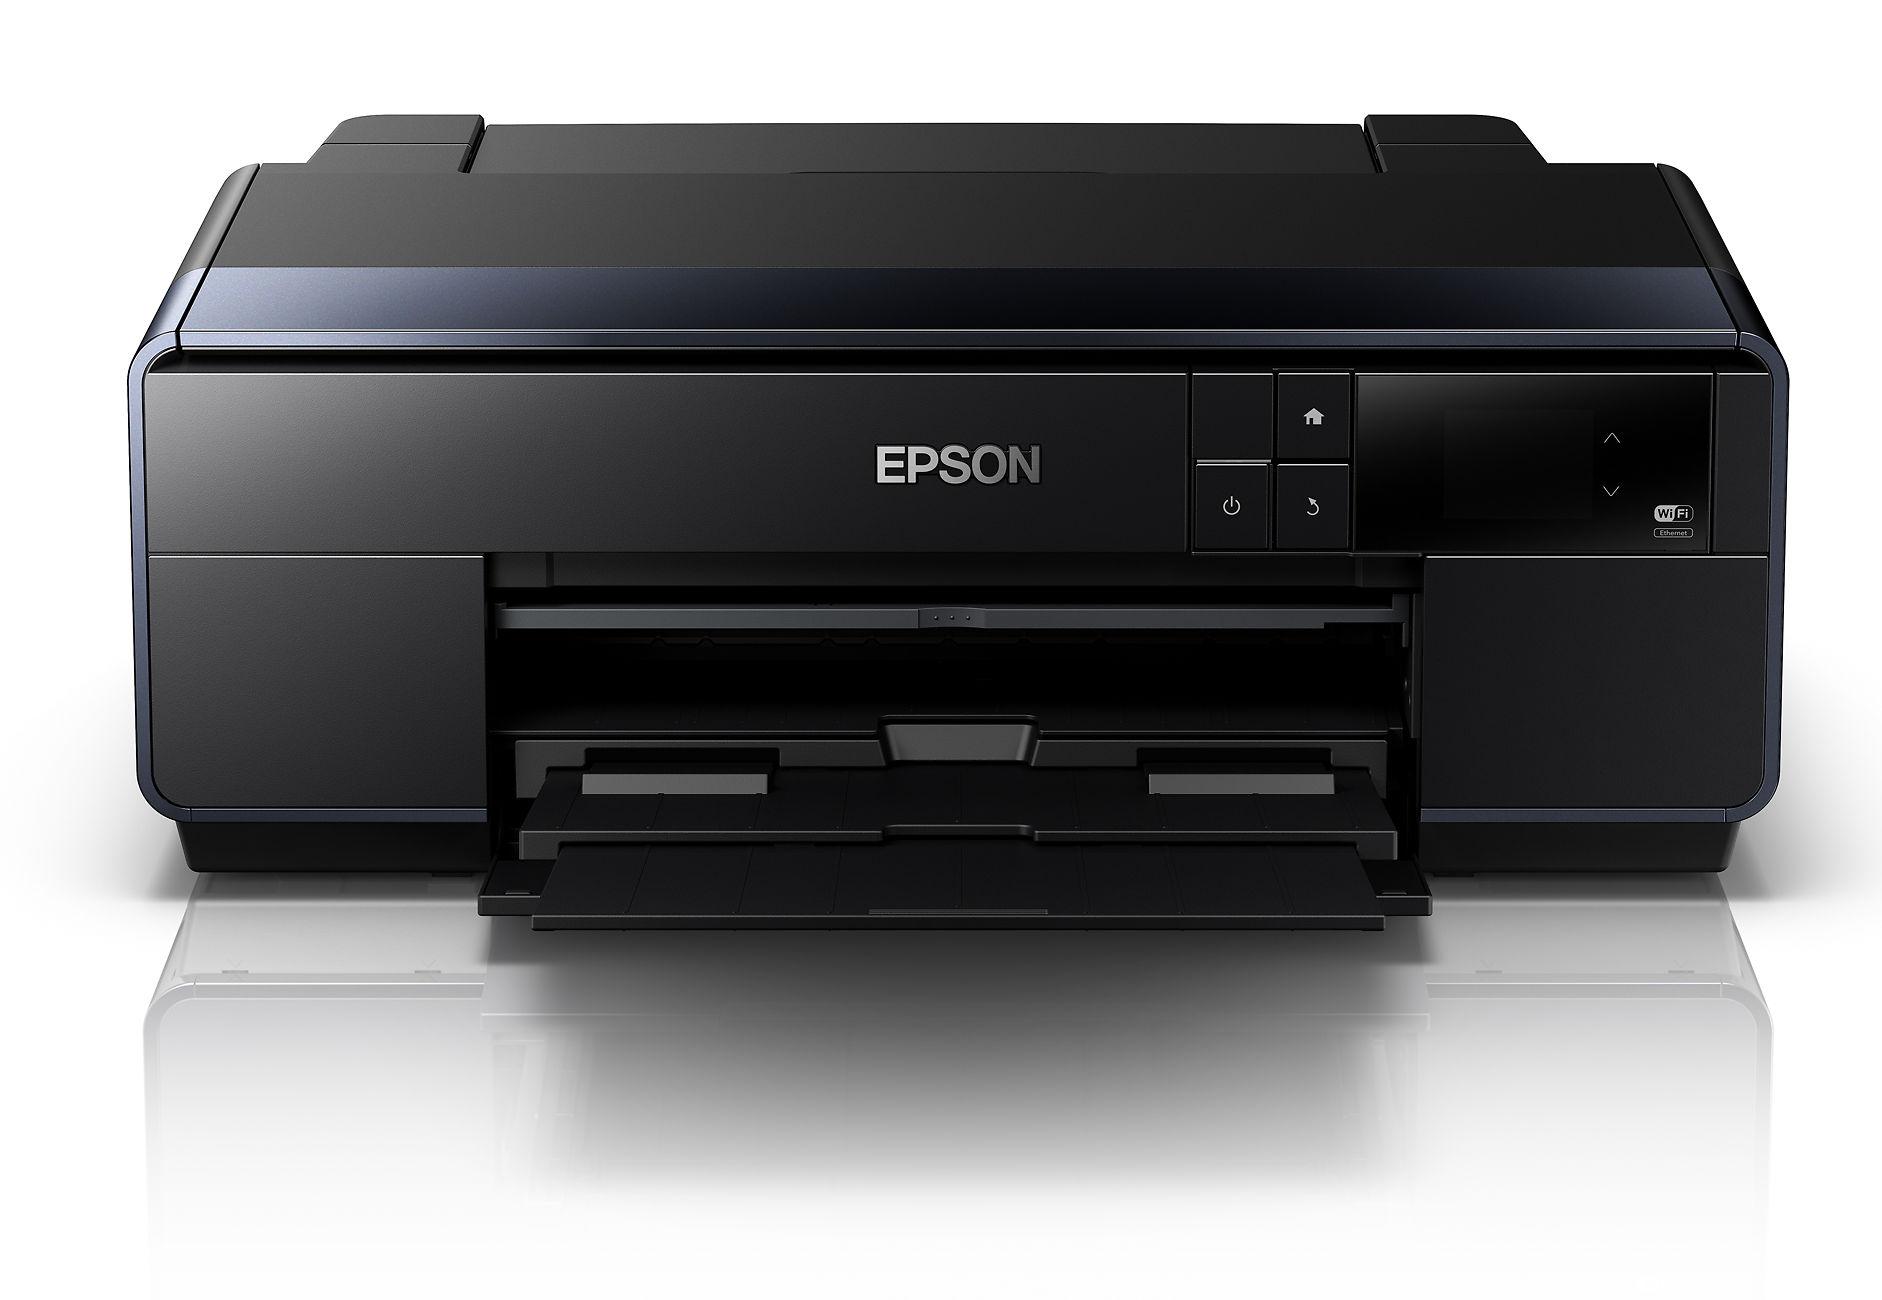 Epson P600 Printer